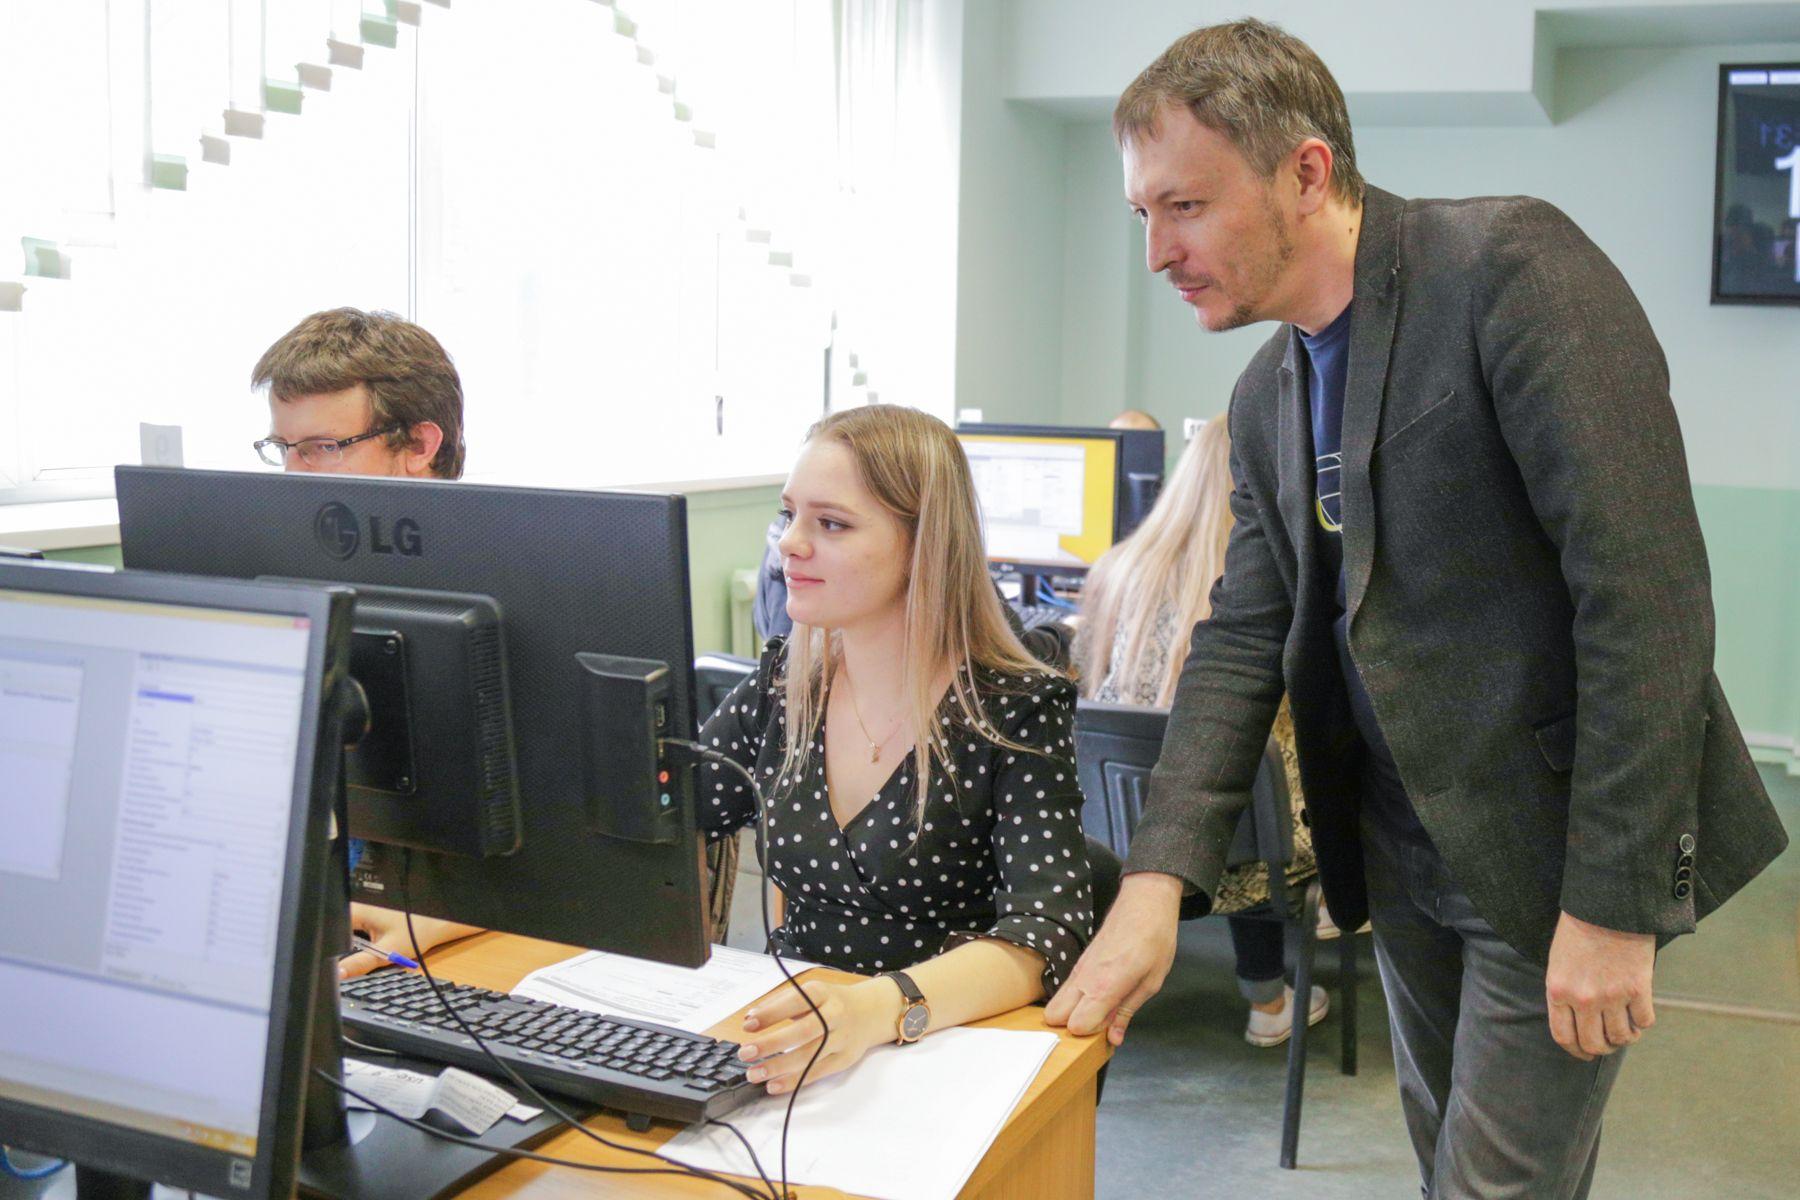 Демонстрационные экзамены WorldSkills помогут в карьере студентам ВГУЭС